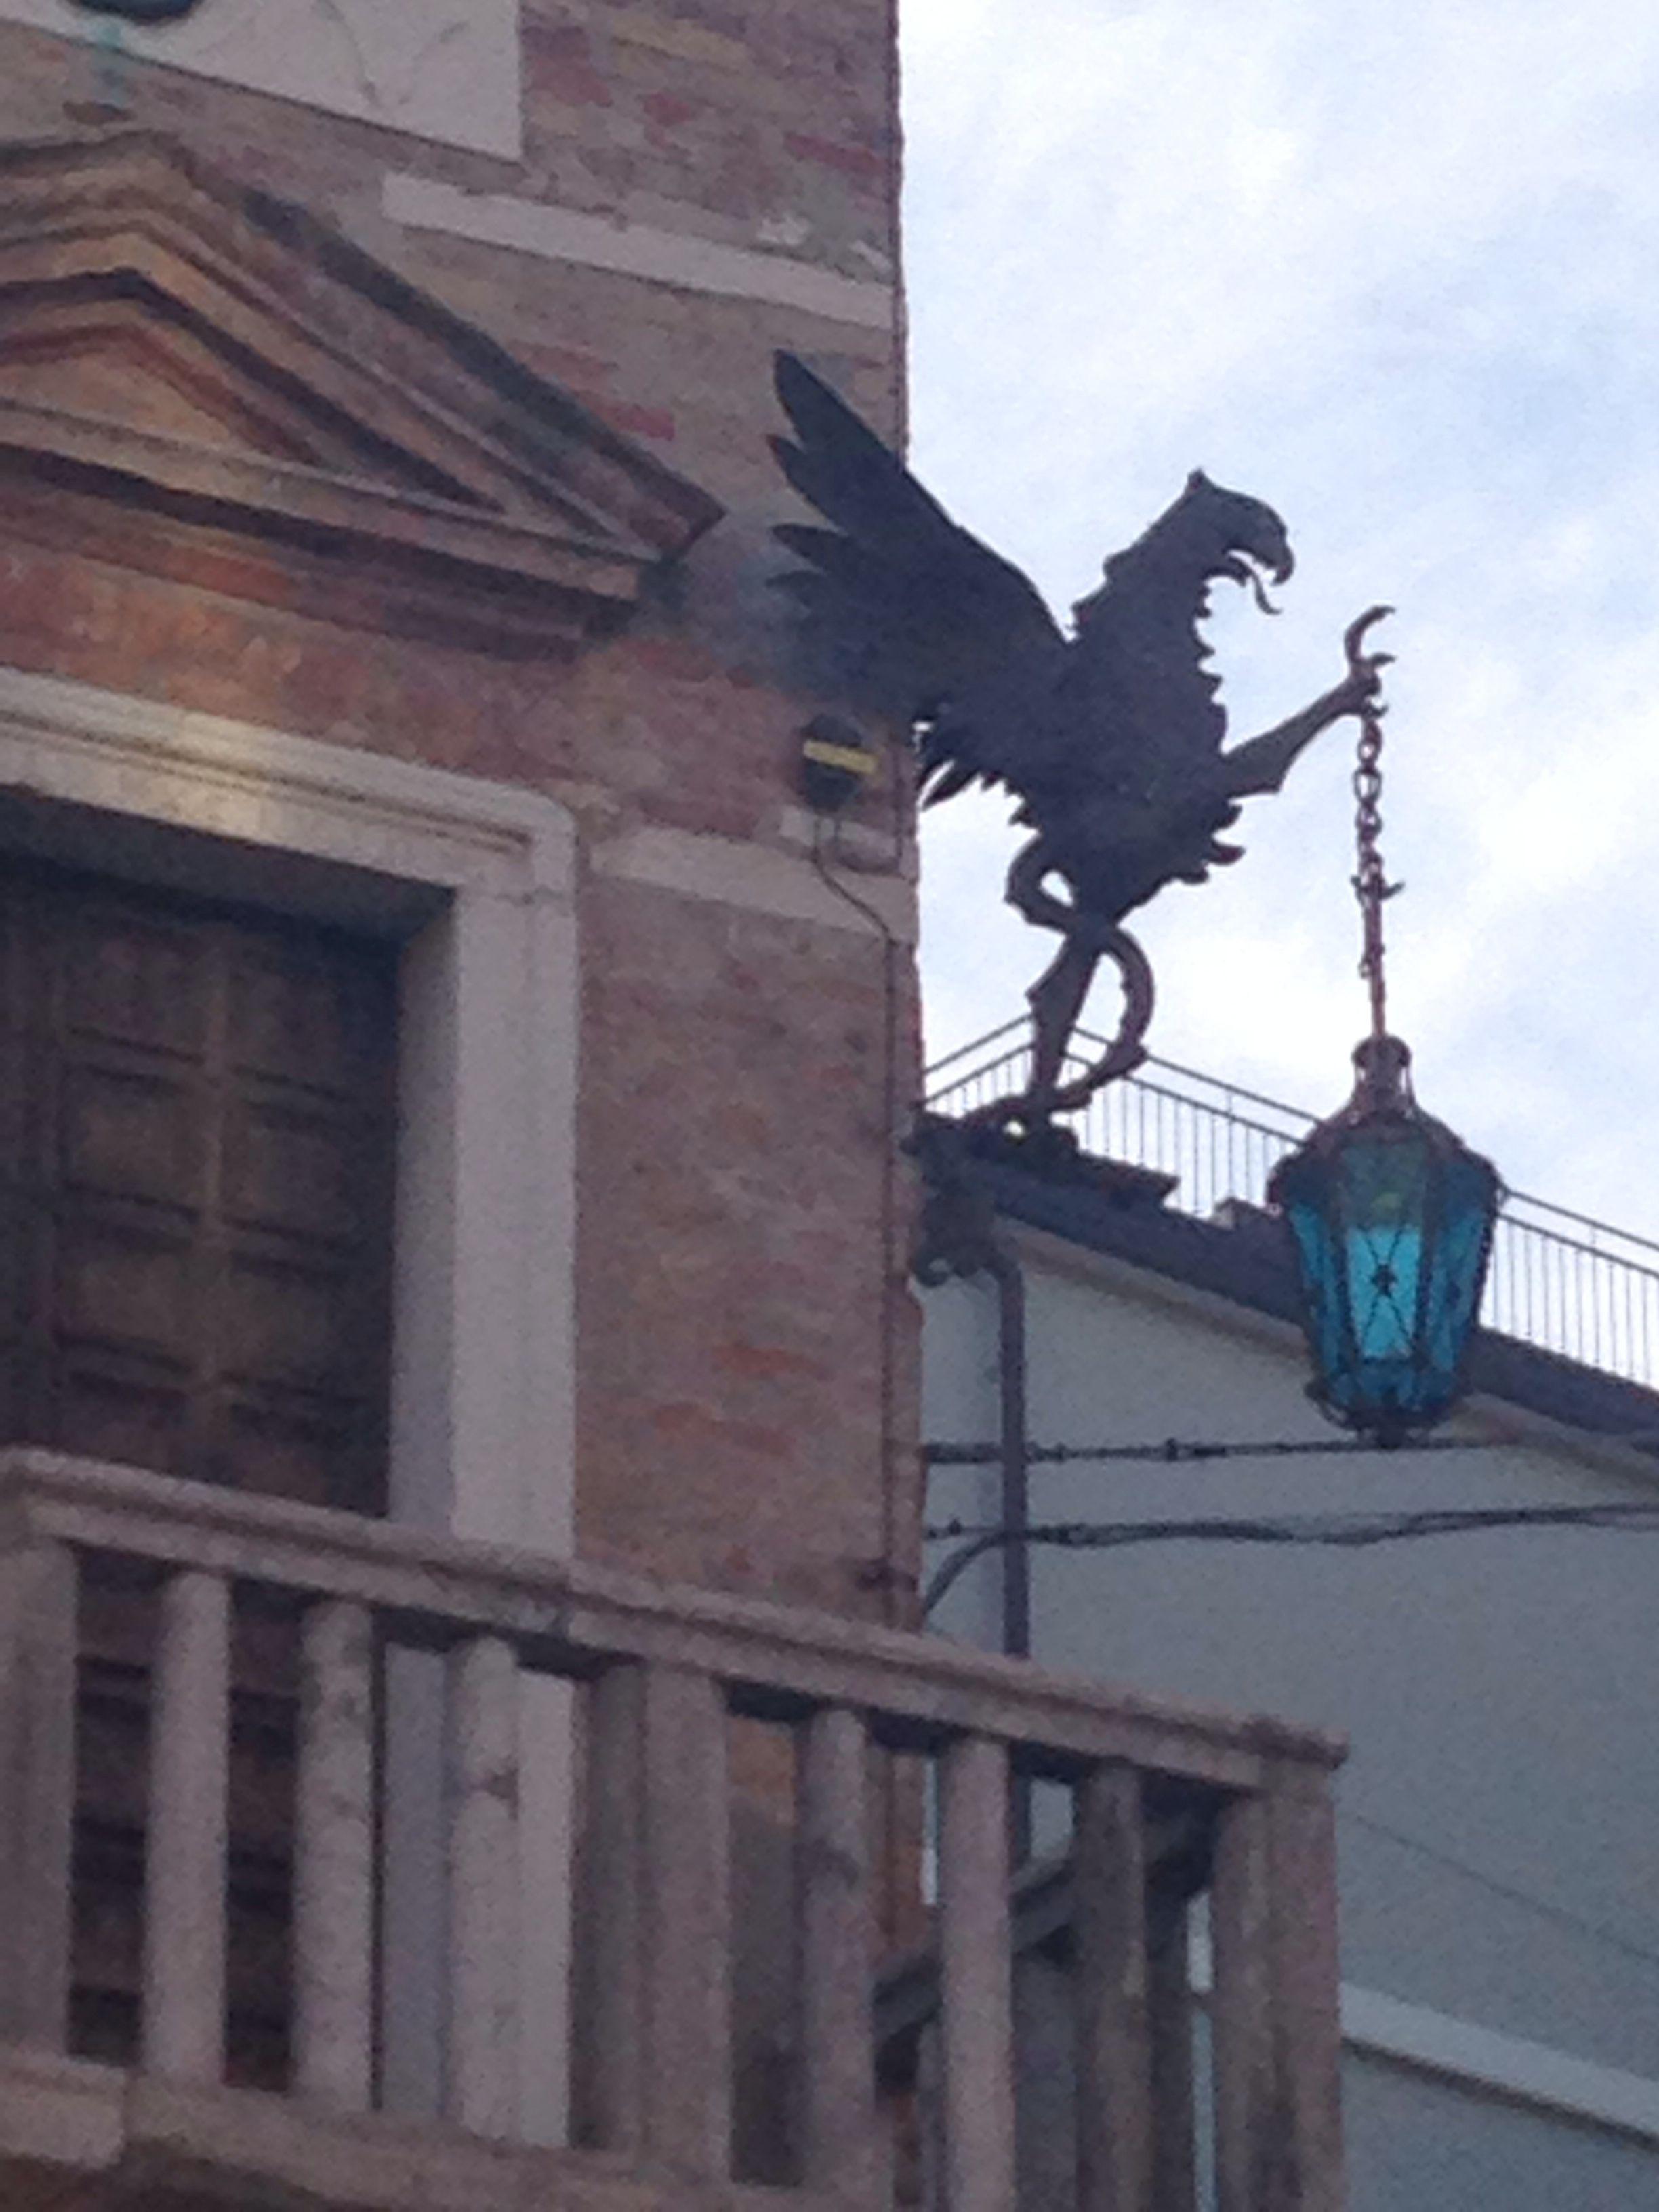 Street light in Mestre Italy